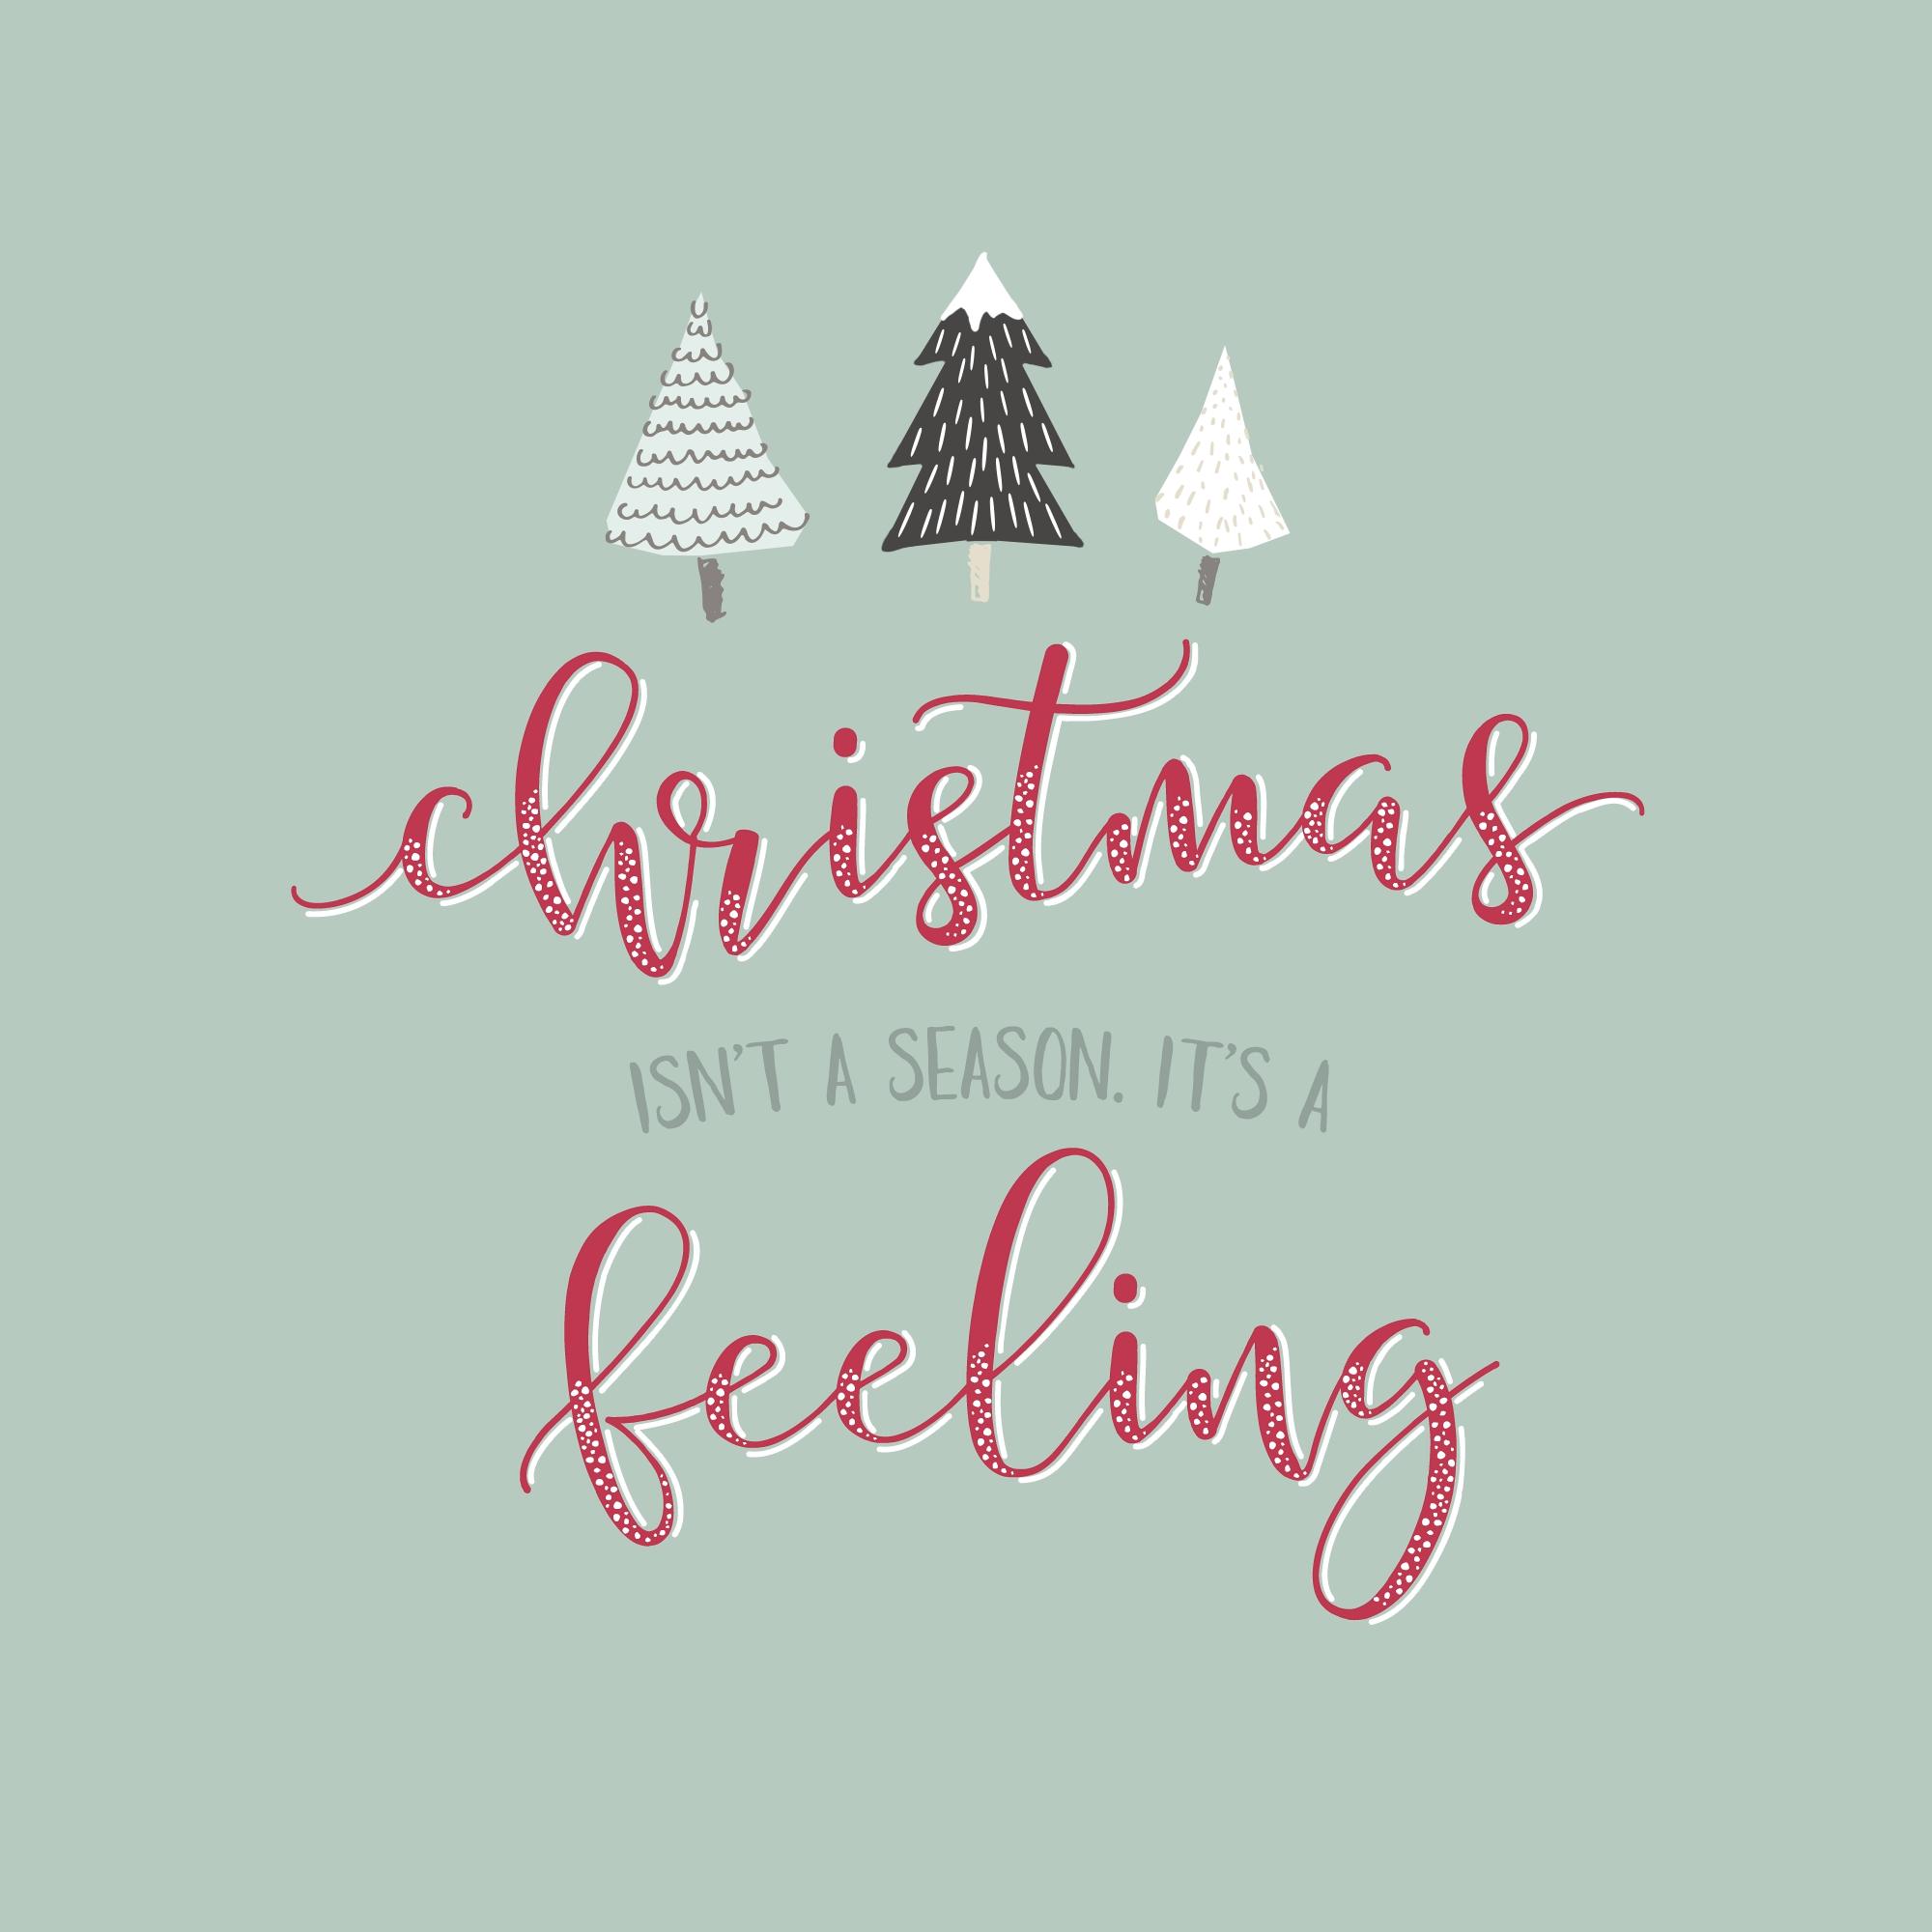 Christmas isn't a season, it's a feeling